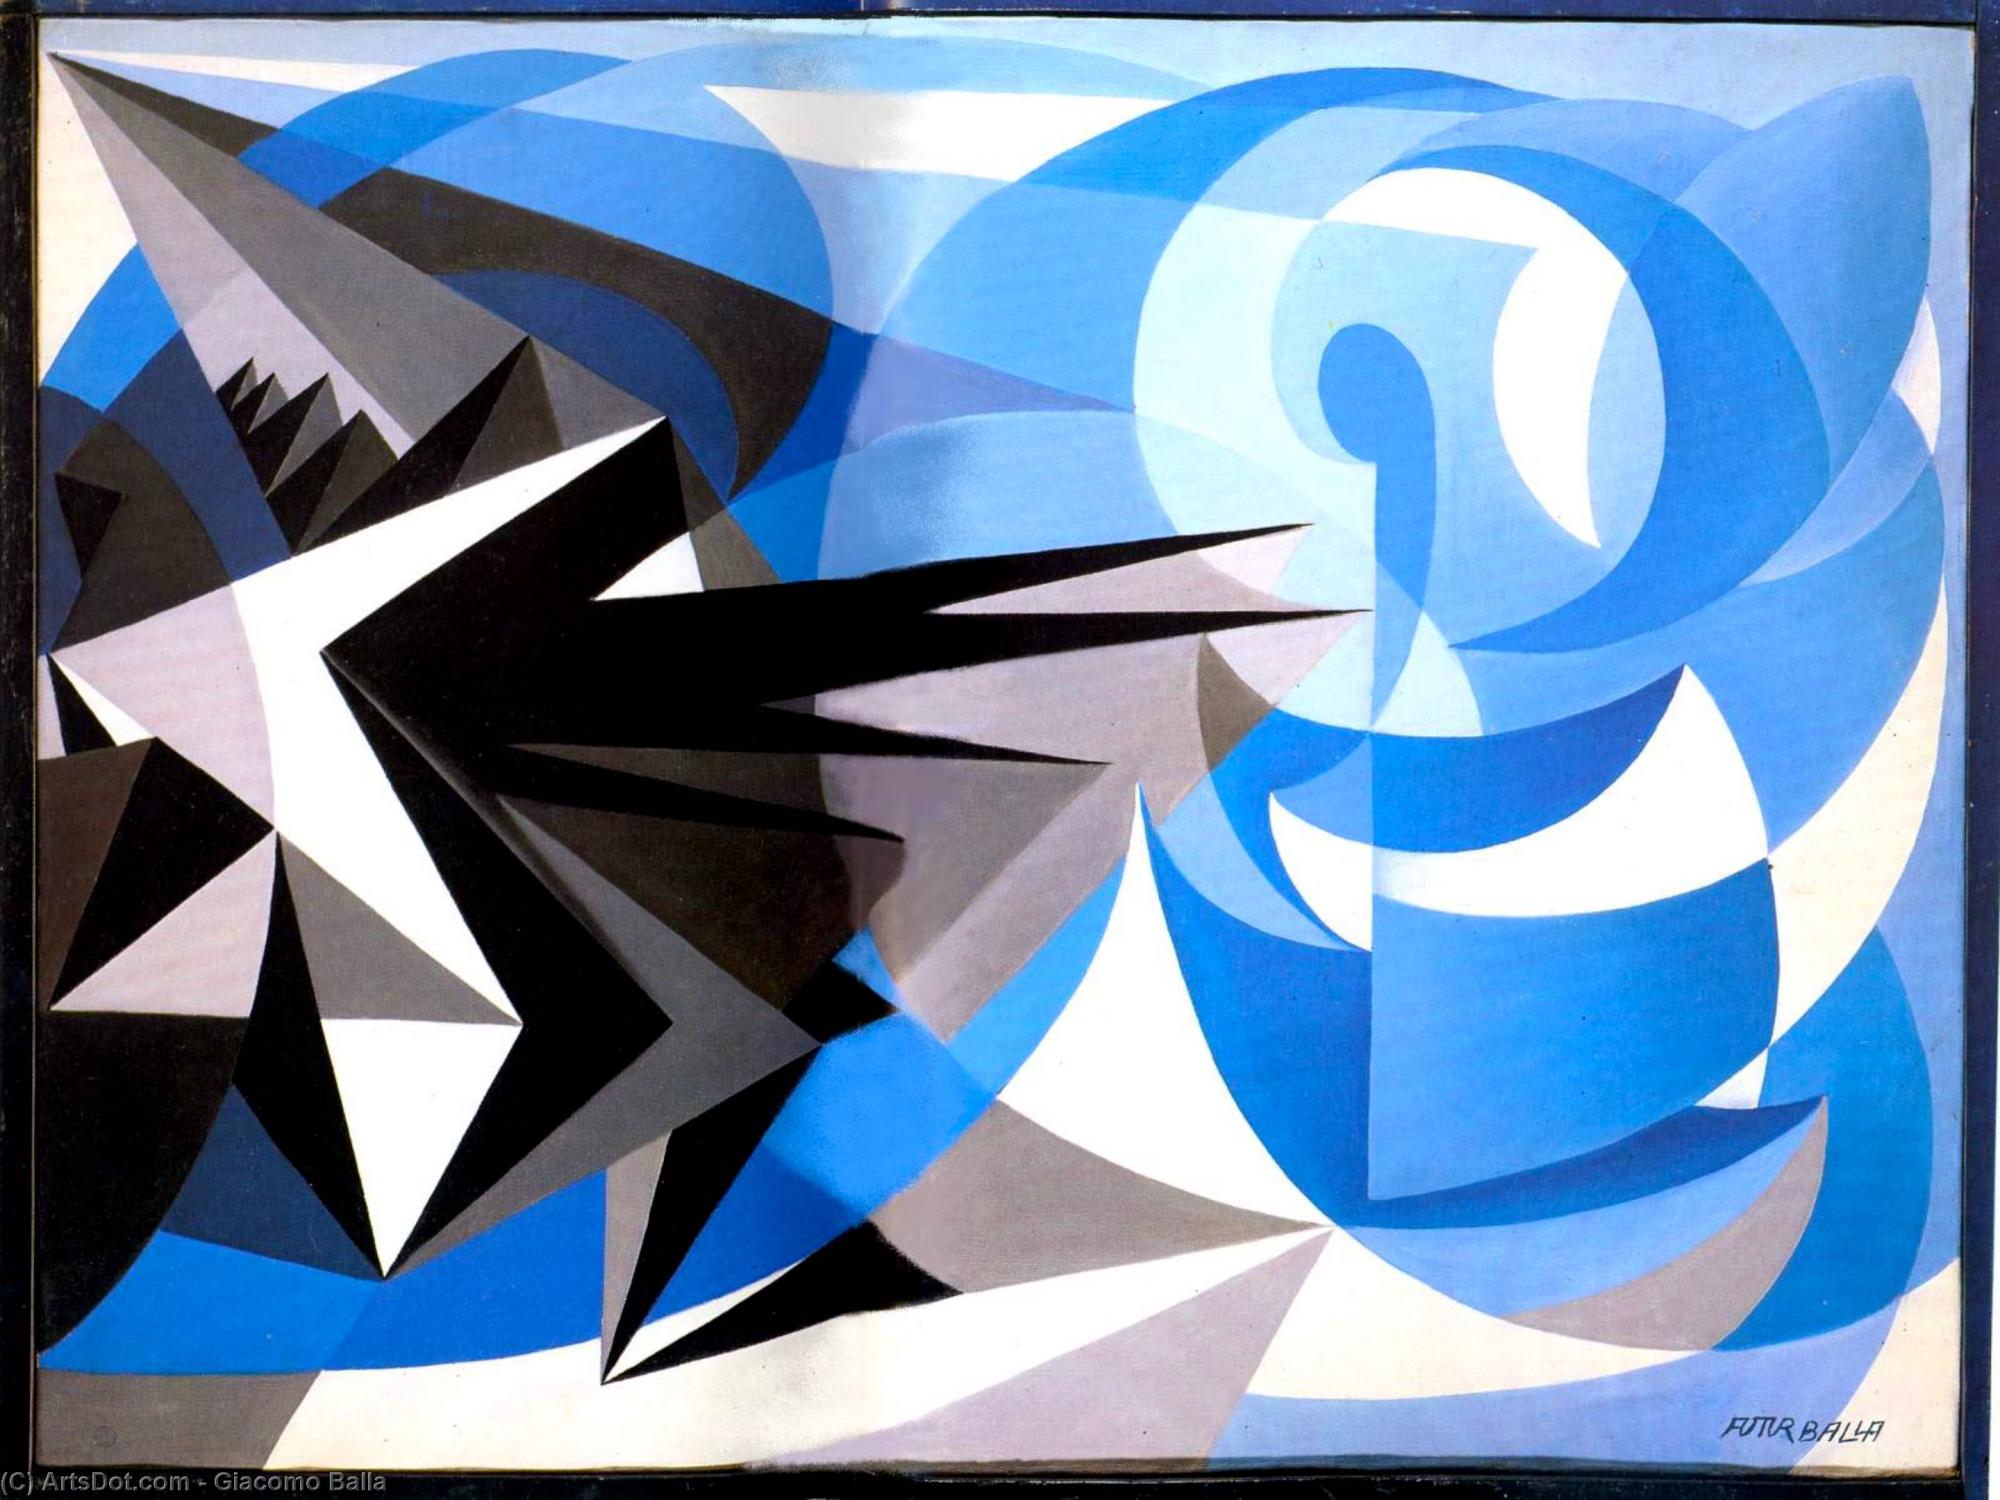 Pesimismo y optimismo, de Giacomo Balla